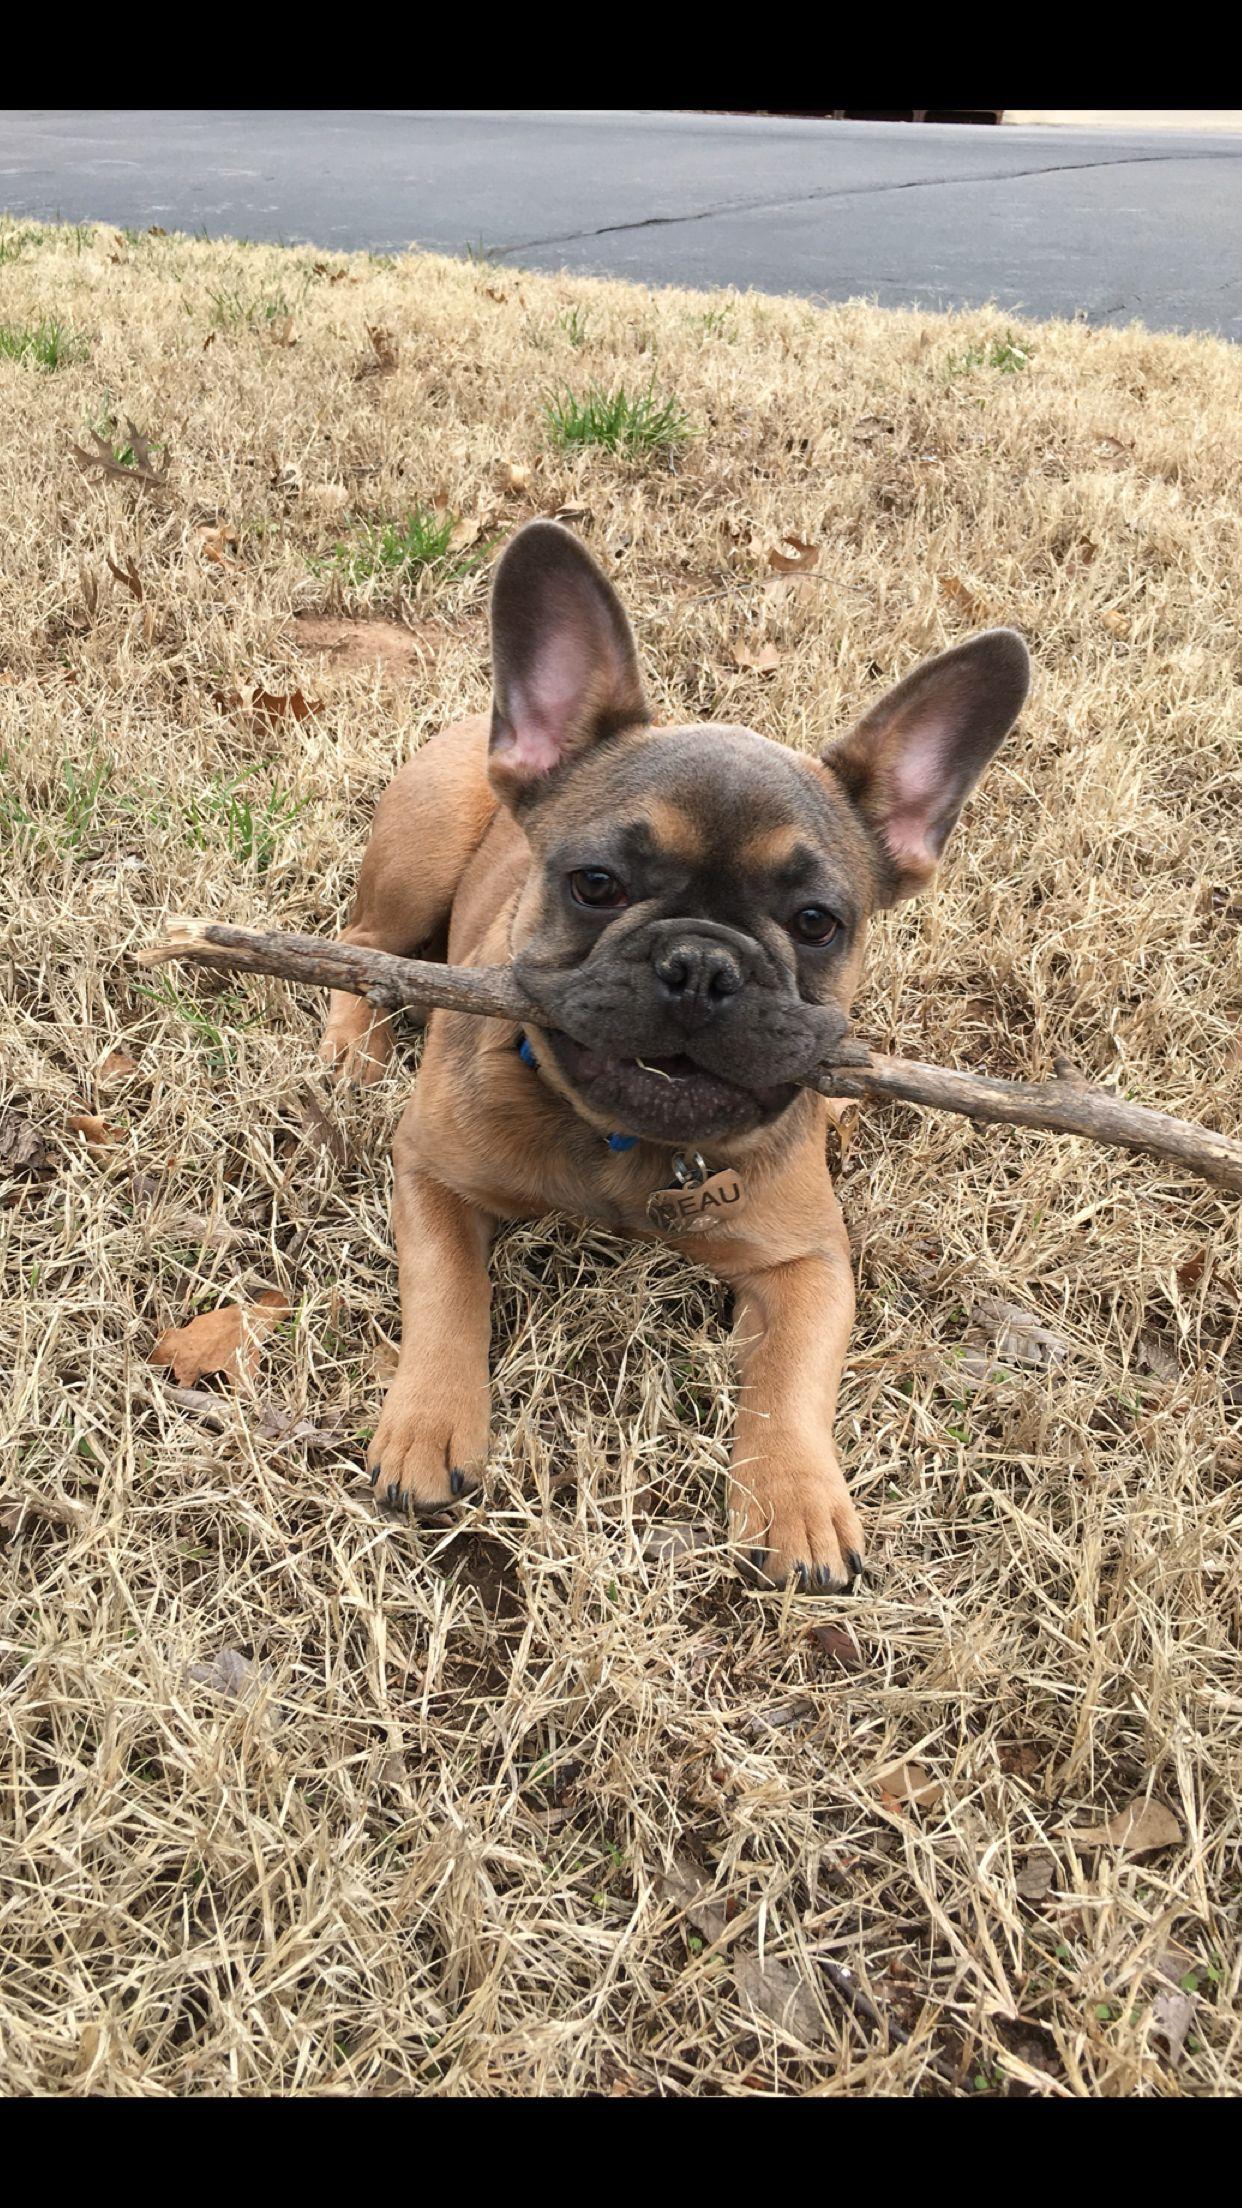 French Bulldog Puppy With A Stick Buldog Cute French Bulldog